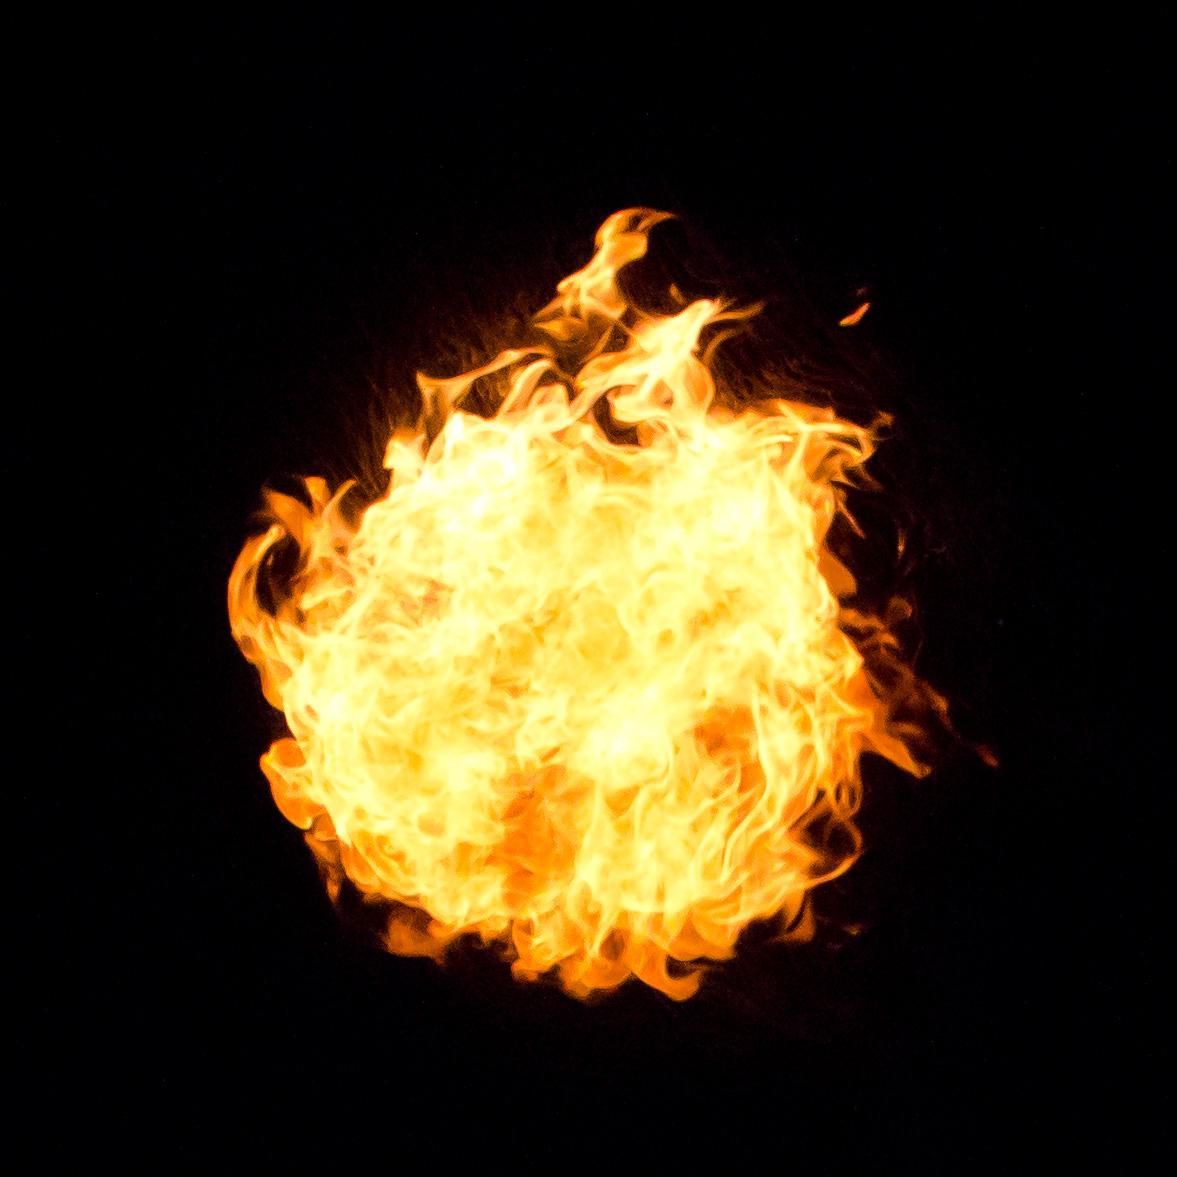 20 Fireball of Flame Fire